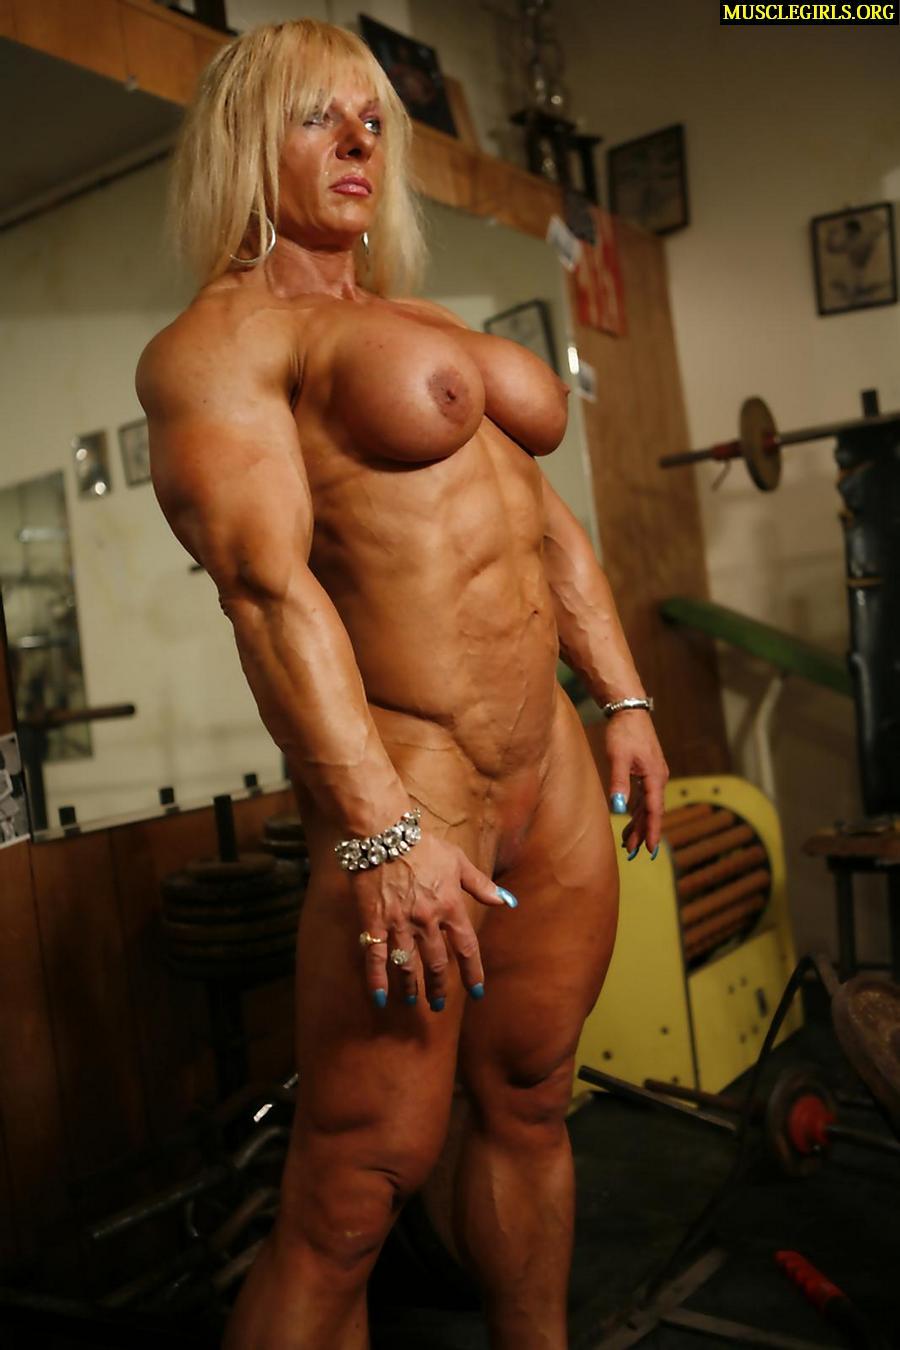 Musc.ly Porn muscle mature woman porn - excellent porn. comments: 1